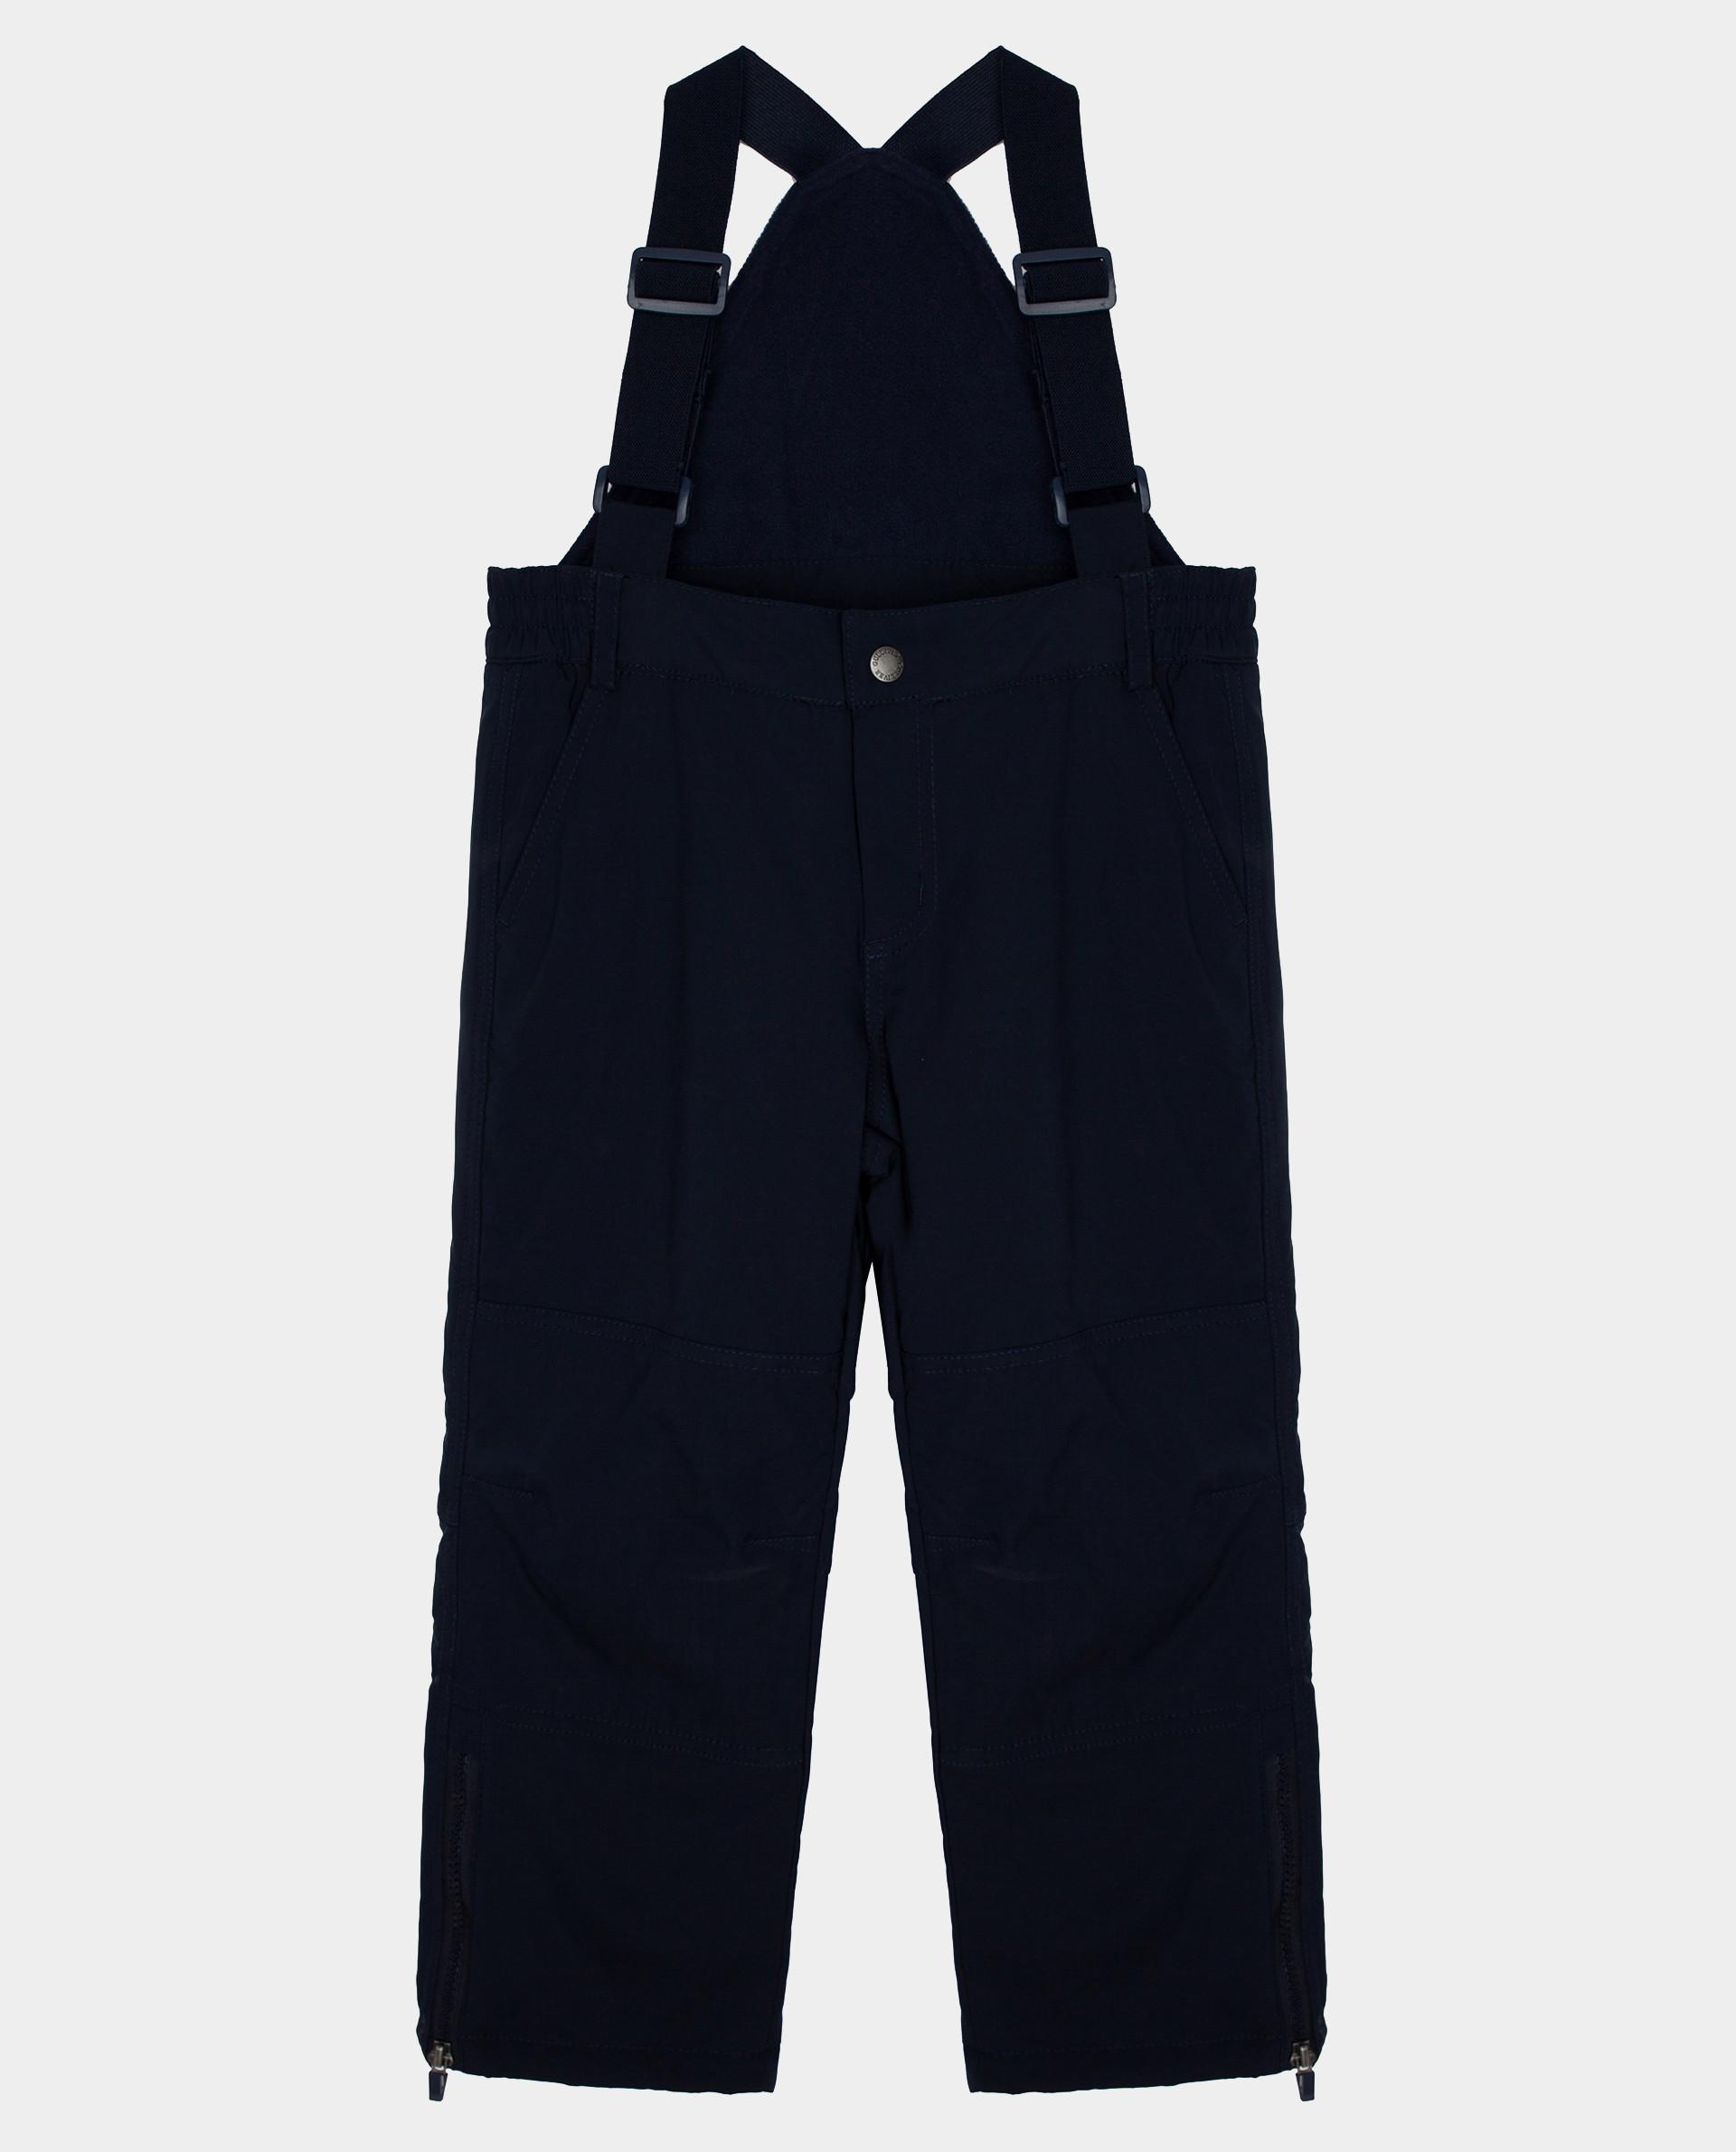 Купить Синие брюки утепленные зимние Gulliver 22010BJC6401, размер 152,